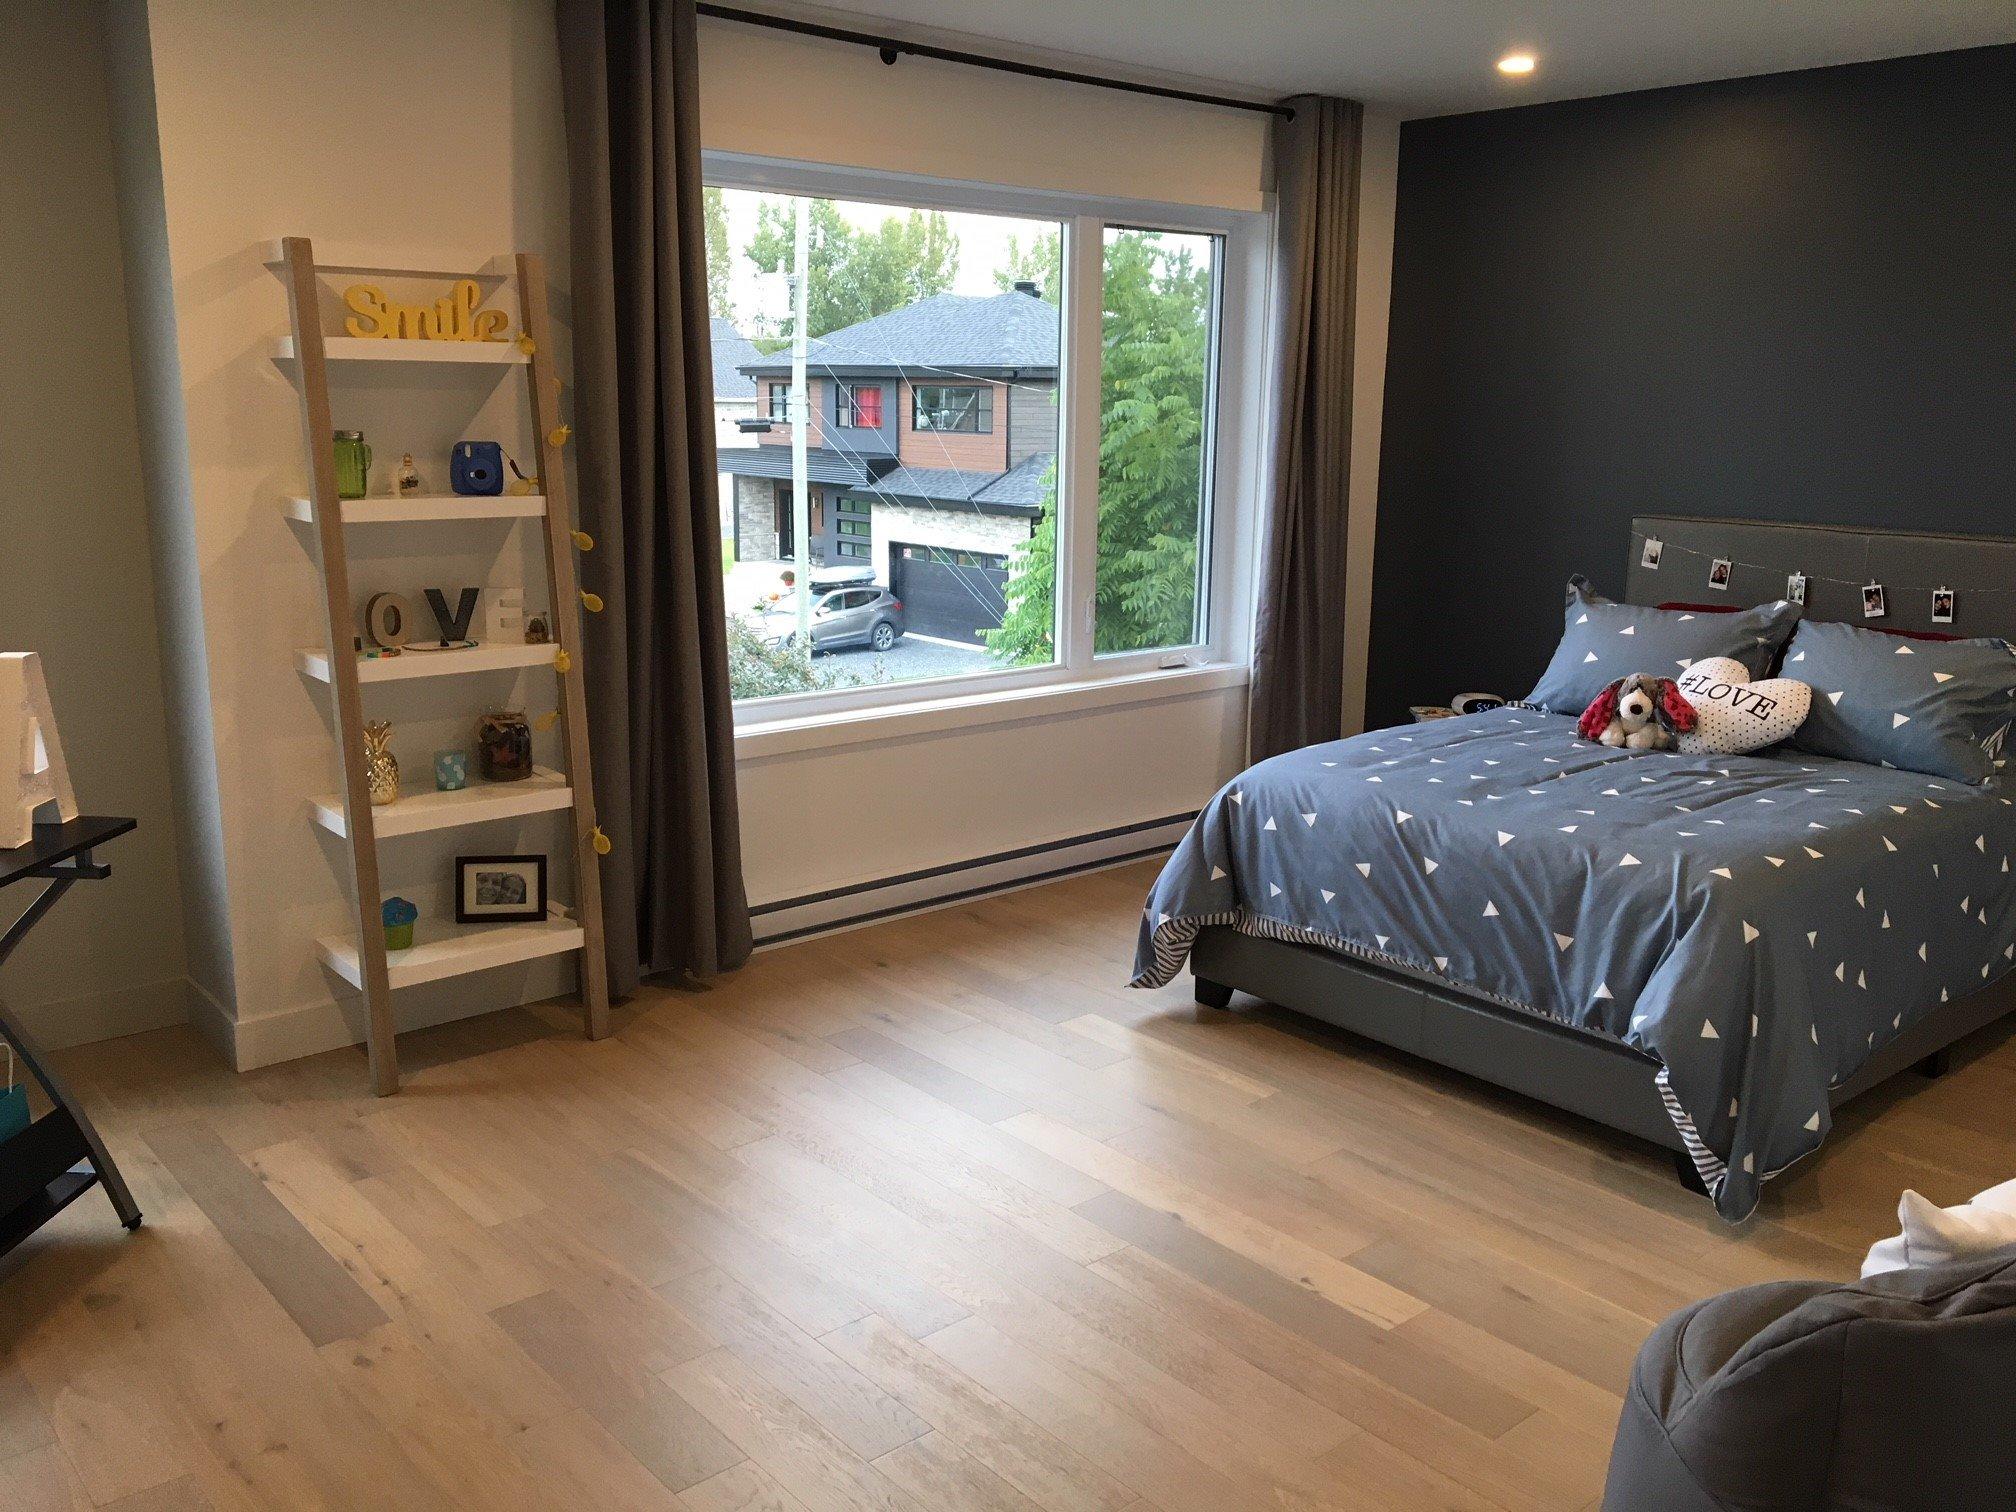 Chambre avec lit et décorations